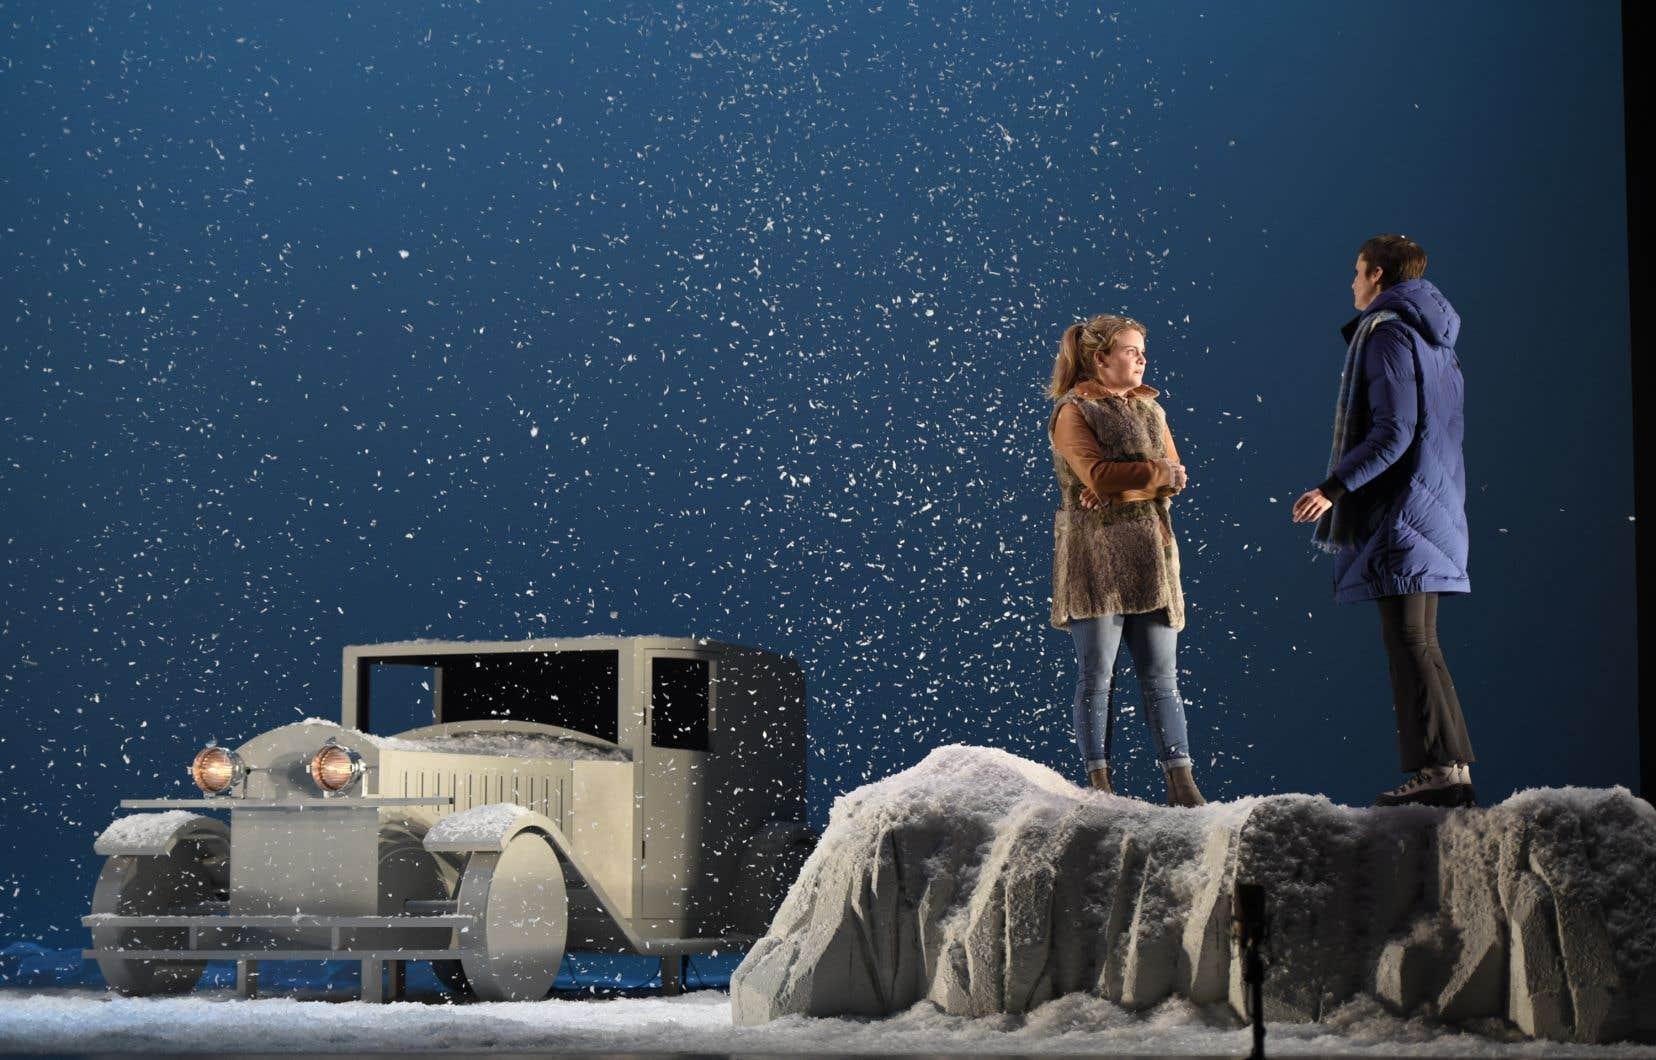 L'opéra «L'hiver attend beaucoup de moi» raconte le «road trip»et la rencontre de deux femmes, l'une violentée et enceinte et l'autre ex-violentée révélant son passé, dans l'hiver québécois.